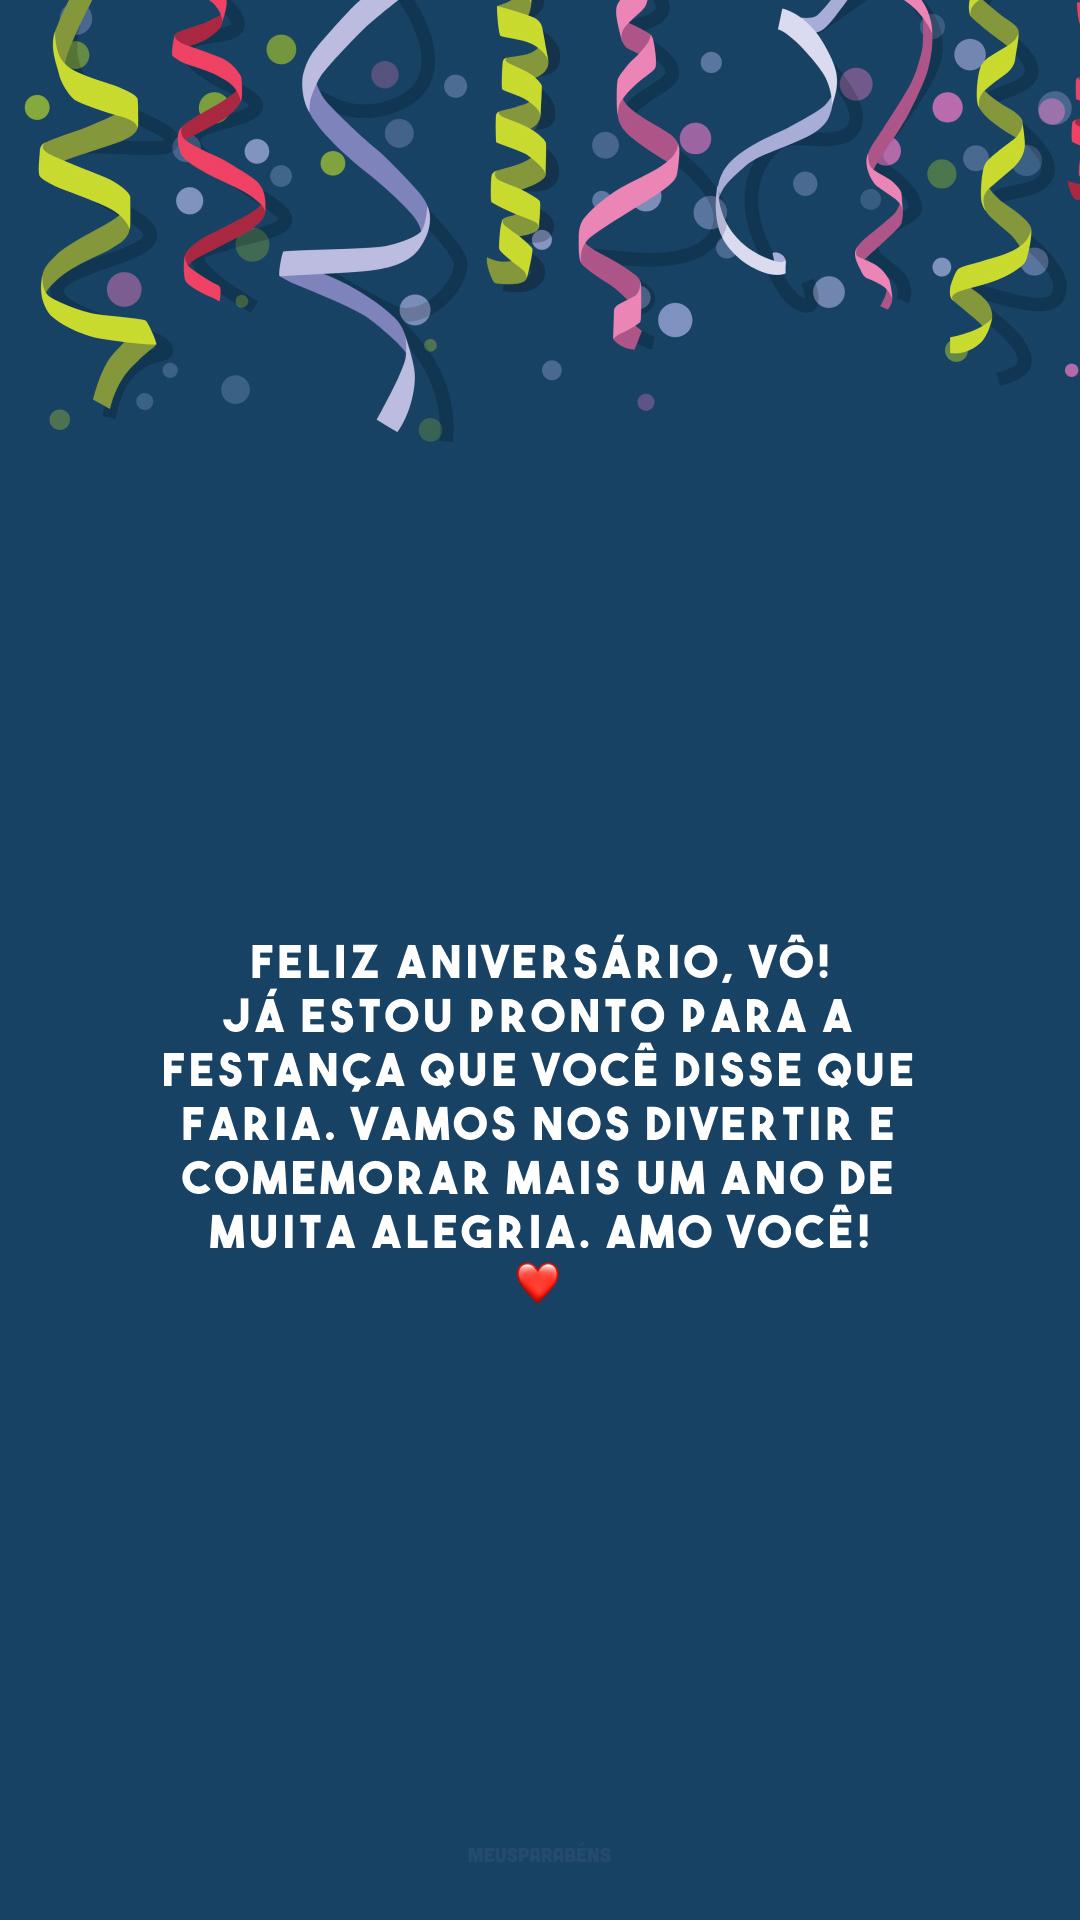 Feliz aniversário, vô! Já estou pronto para a festança que você disse que faria. Vamos nos divertir e comemorar mais um ano de muita alegria. Amo você! ❤️